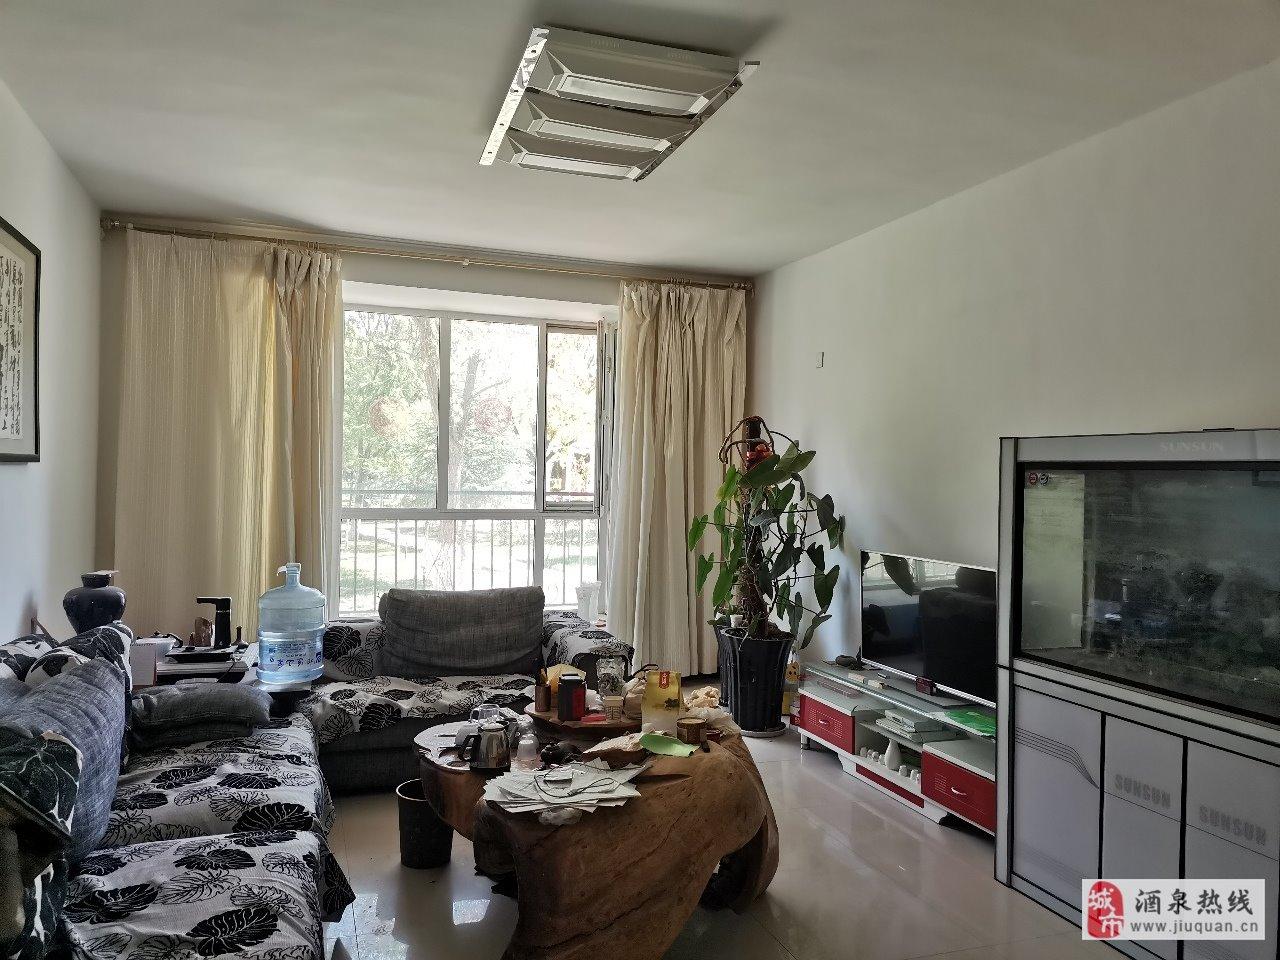 鸿硕园小区120平米3室 2厅 2卫